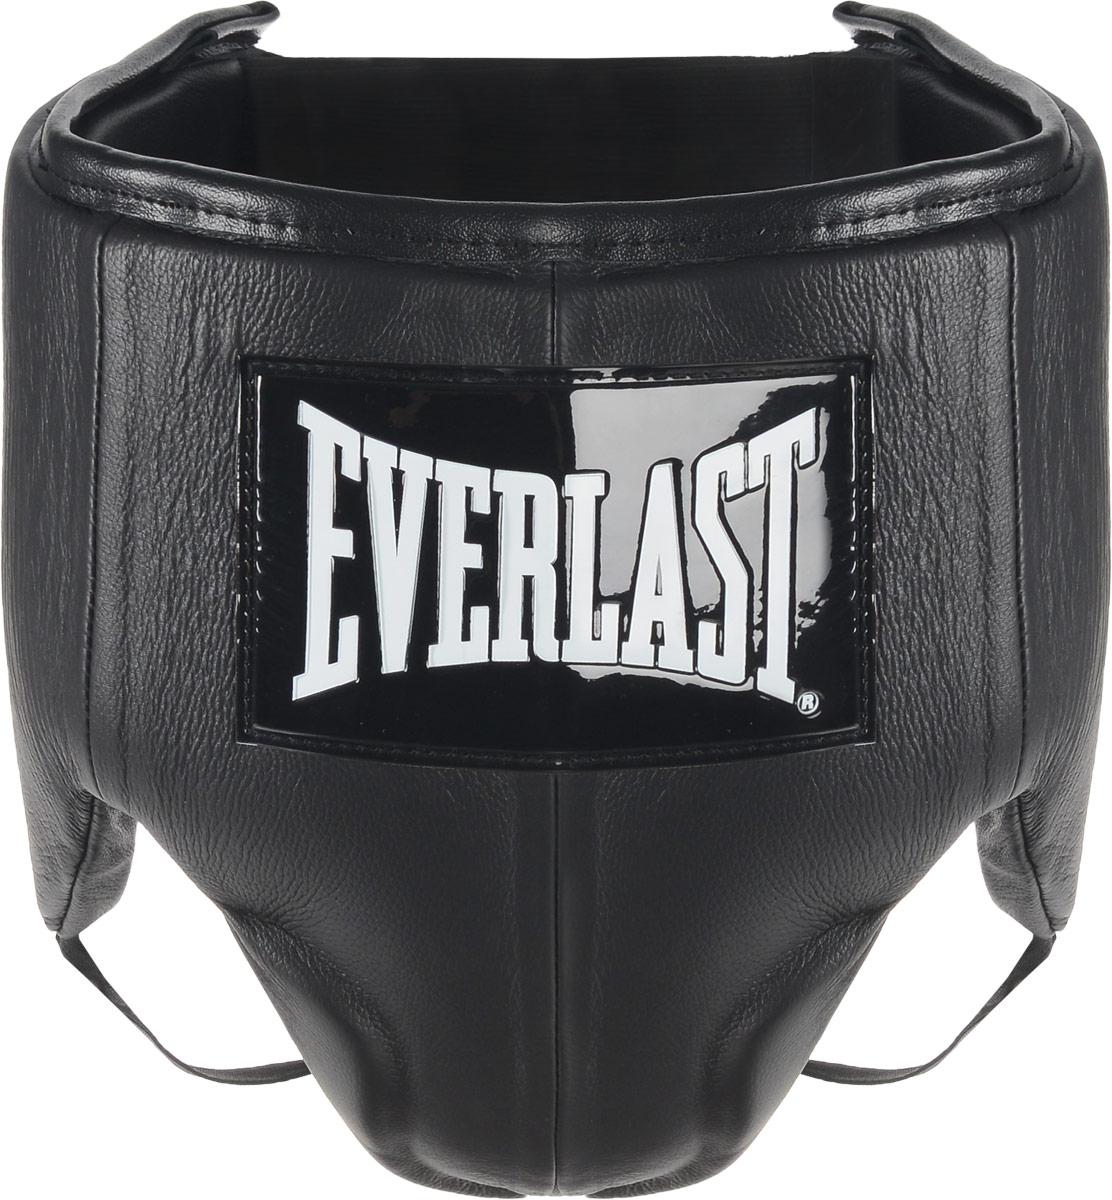 Защита паха мужская Everlast Velcro Top Pro, цвет: черный, белый. Размер XLQNT1133Everlast Velcro Top Pro это удобный обтягивающий бандаж, идеально подходящий как для тренировочных спаррингов, так и для боя на ринге. Бандаж изготовлен из высококачественной натуральной кожи, а подкладка набита пенным наполнителем высокой плотности, благодаря чему достигается превосходная амортизация ударов. Усовершенствованный облегченный дизайн обеспечивает максимальную подвижность и комфорт, в то же время гарантируя безопасность и полную защиту паха и тазовой области. Удобные застежки на липучке позволят подогнать защиту под ваш размер и плотно зафиксировать ее на теле. Максимальный обхват: 112 см.Минимальный обхват: 101 см.